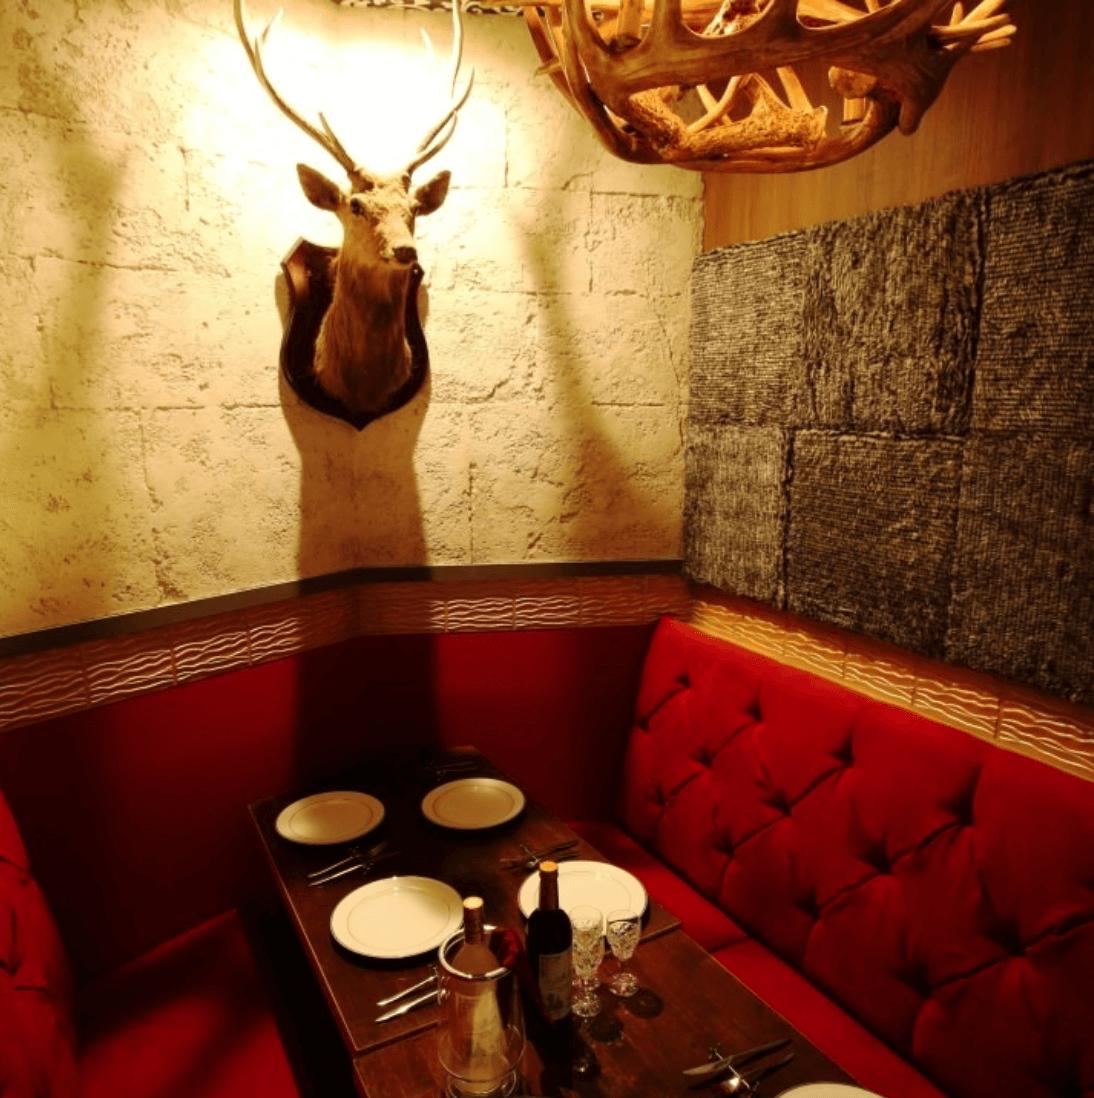 元町中華街でギャラ飲みに使えるお店「美女と野獣のカフェ&レストランBeauty&the Beast」